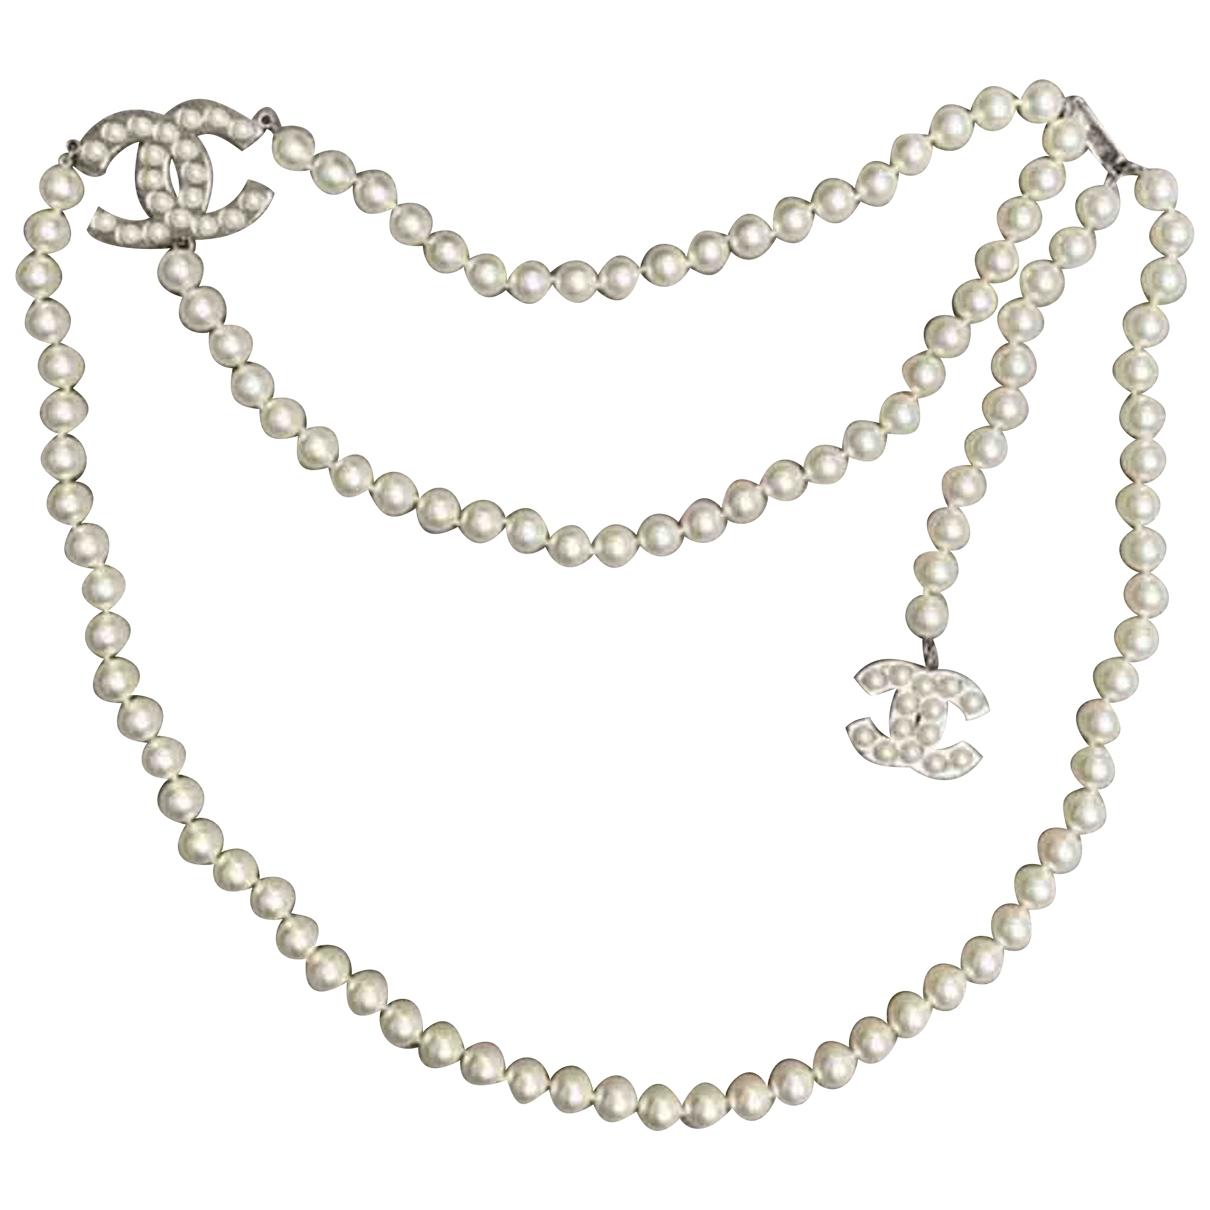 Chanel \N White Pearls belt for Women 85 cm